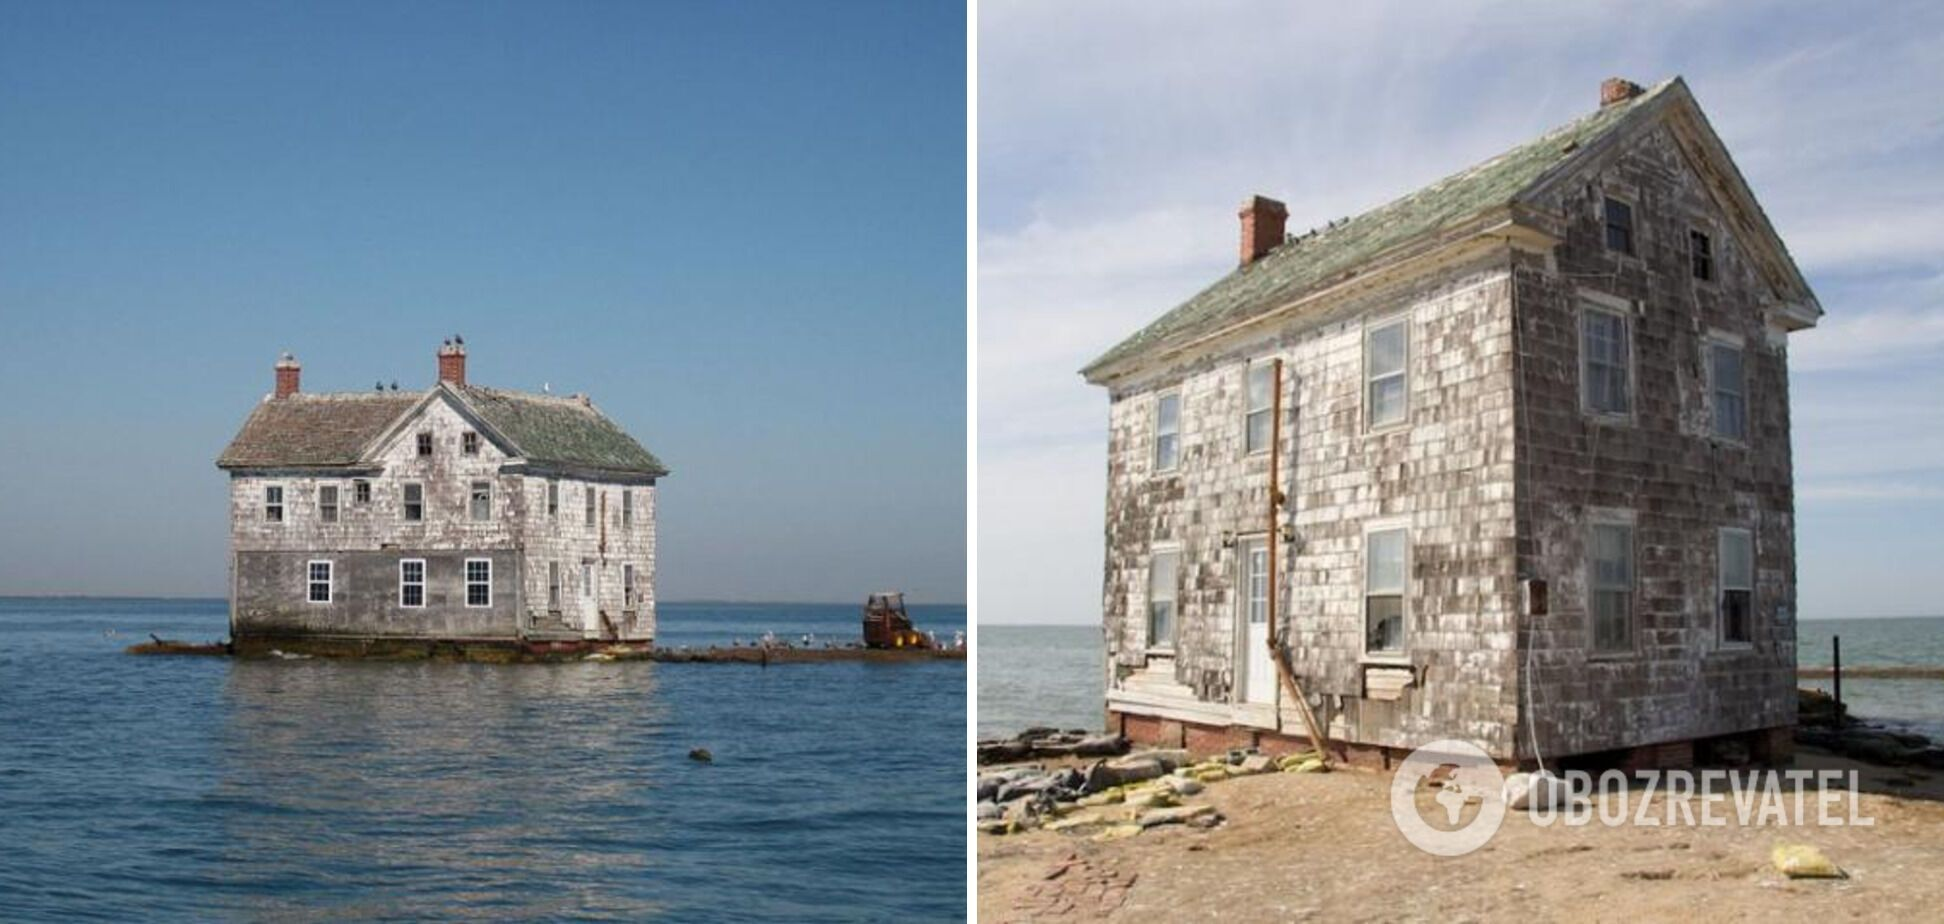 Голландский остров в Чесапикском заливе, где расположен только один дом